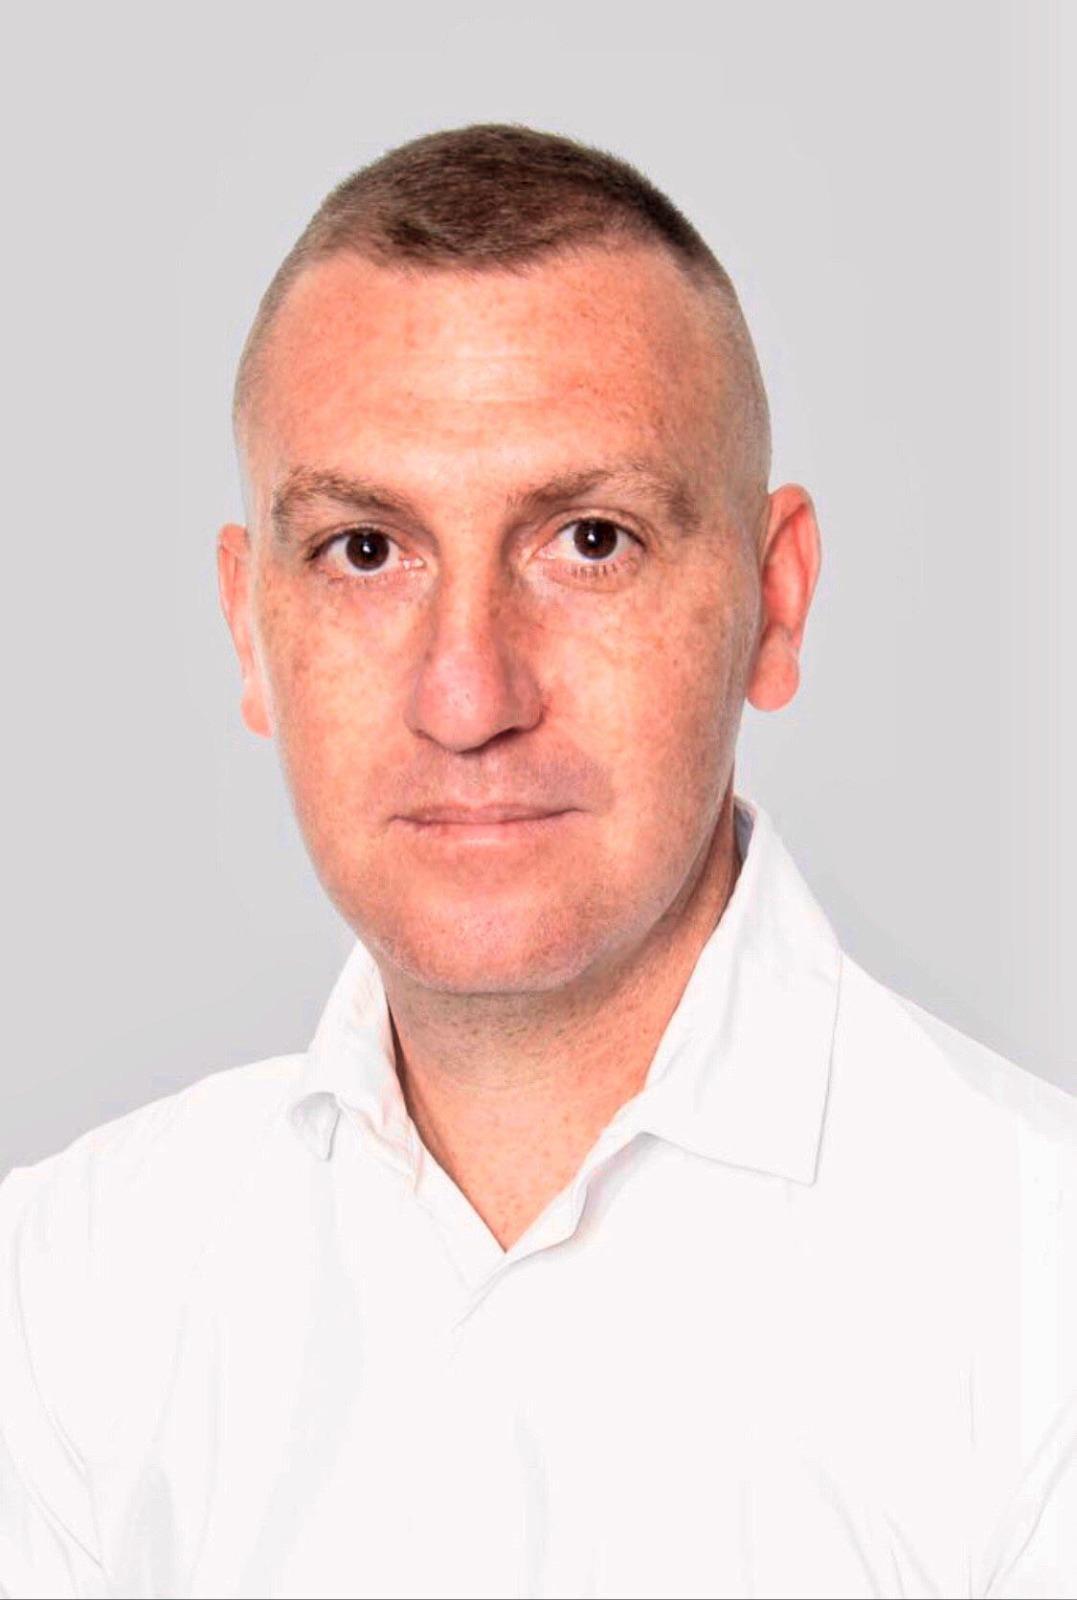 אילן דטשי, מנהל תחום ביטוח נסיעות בהפניקס